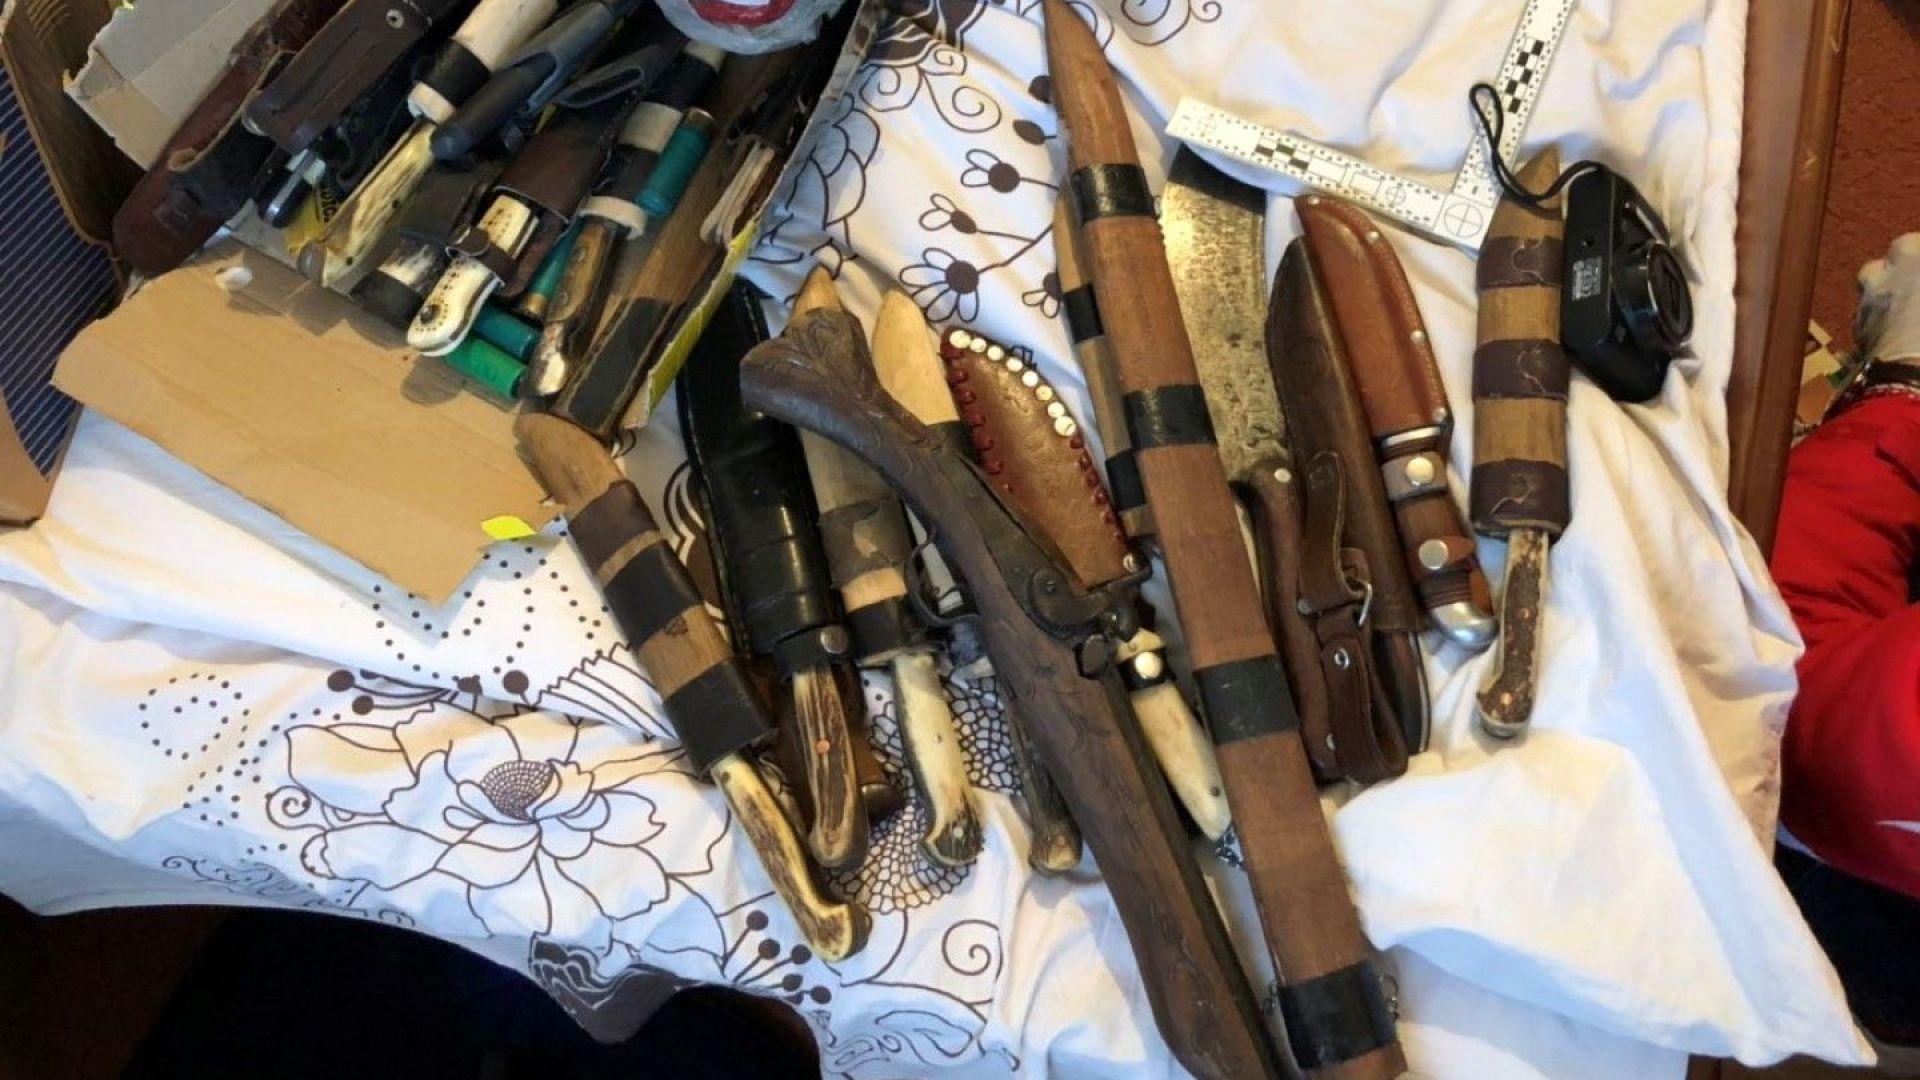 При спецоперация конфискуваха 72 ловни трофея, боеприпаси, незаконни оръжия